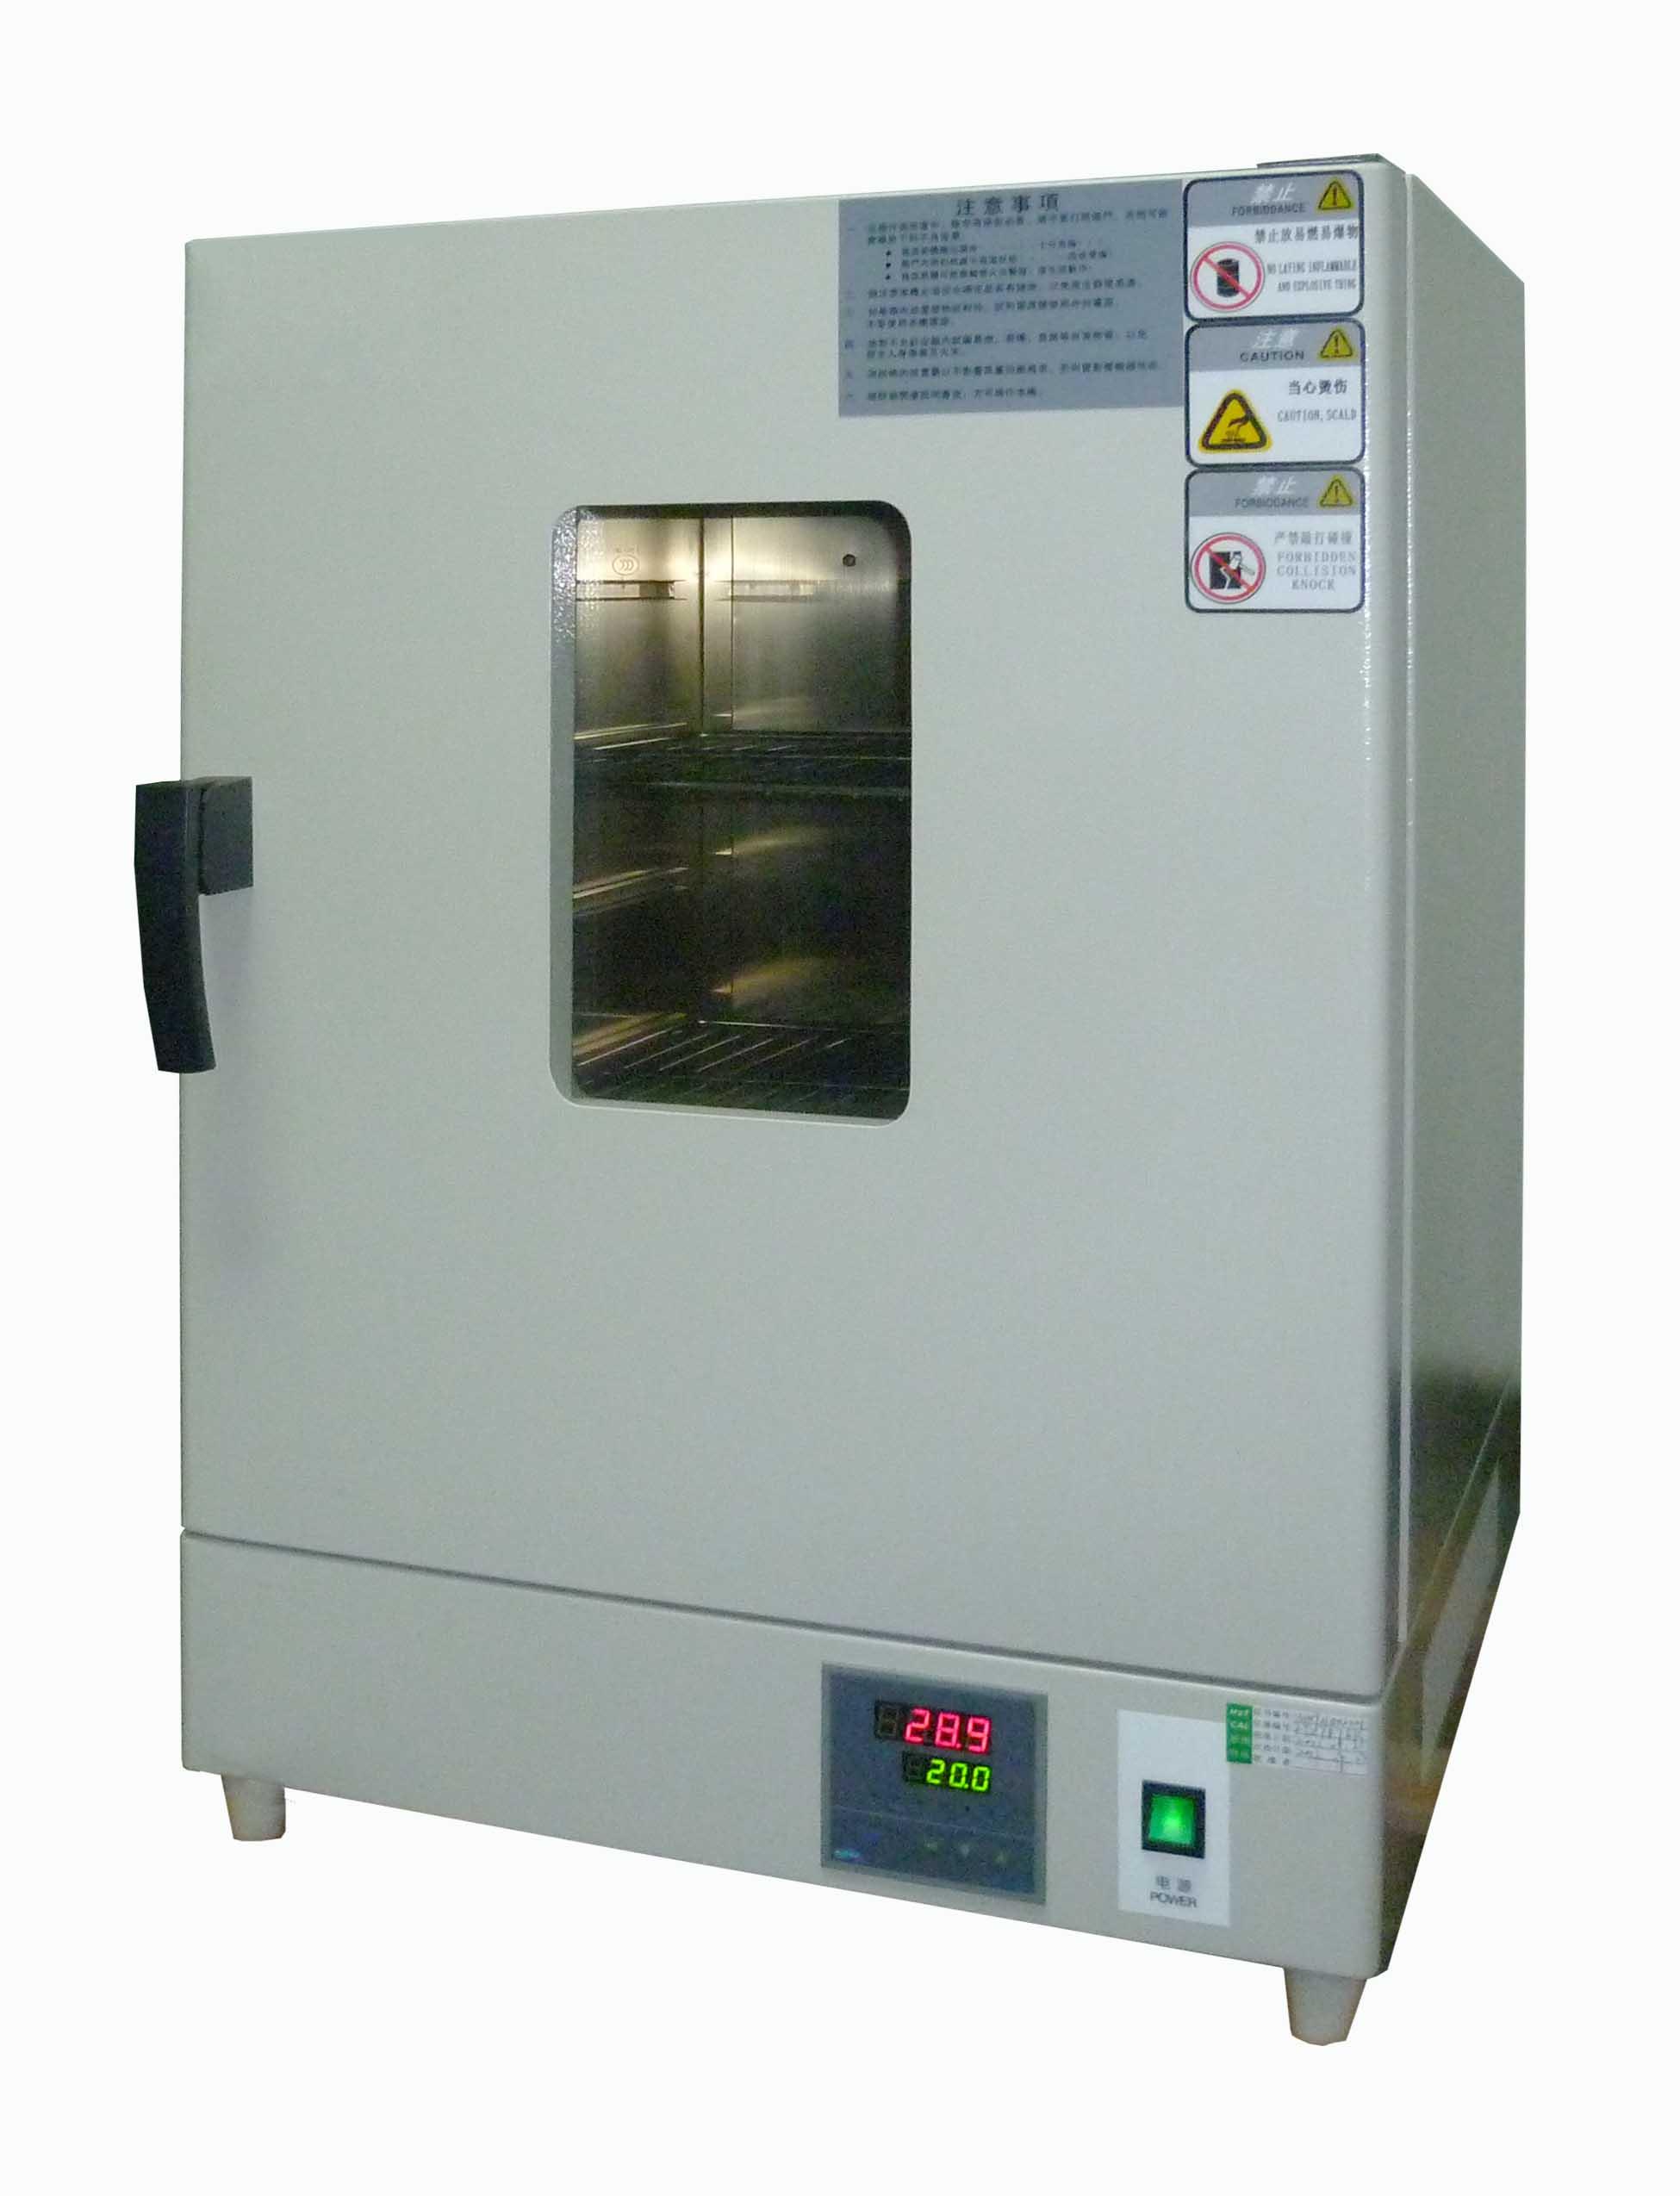 烤箱 lcd界面设计